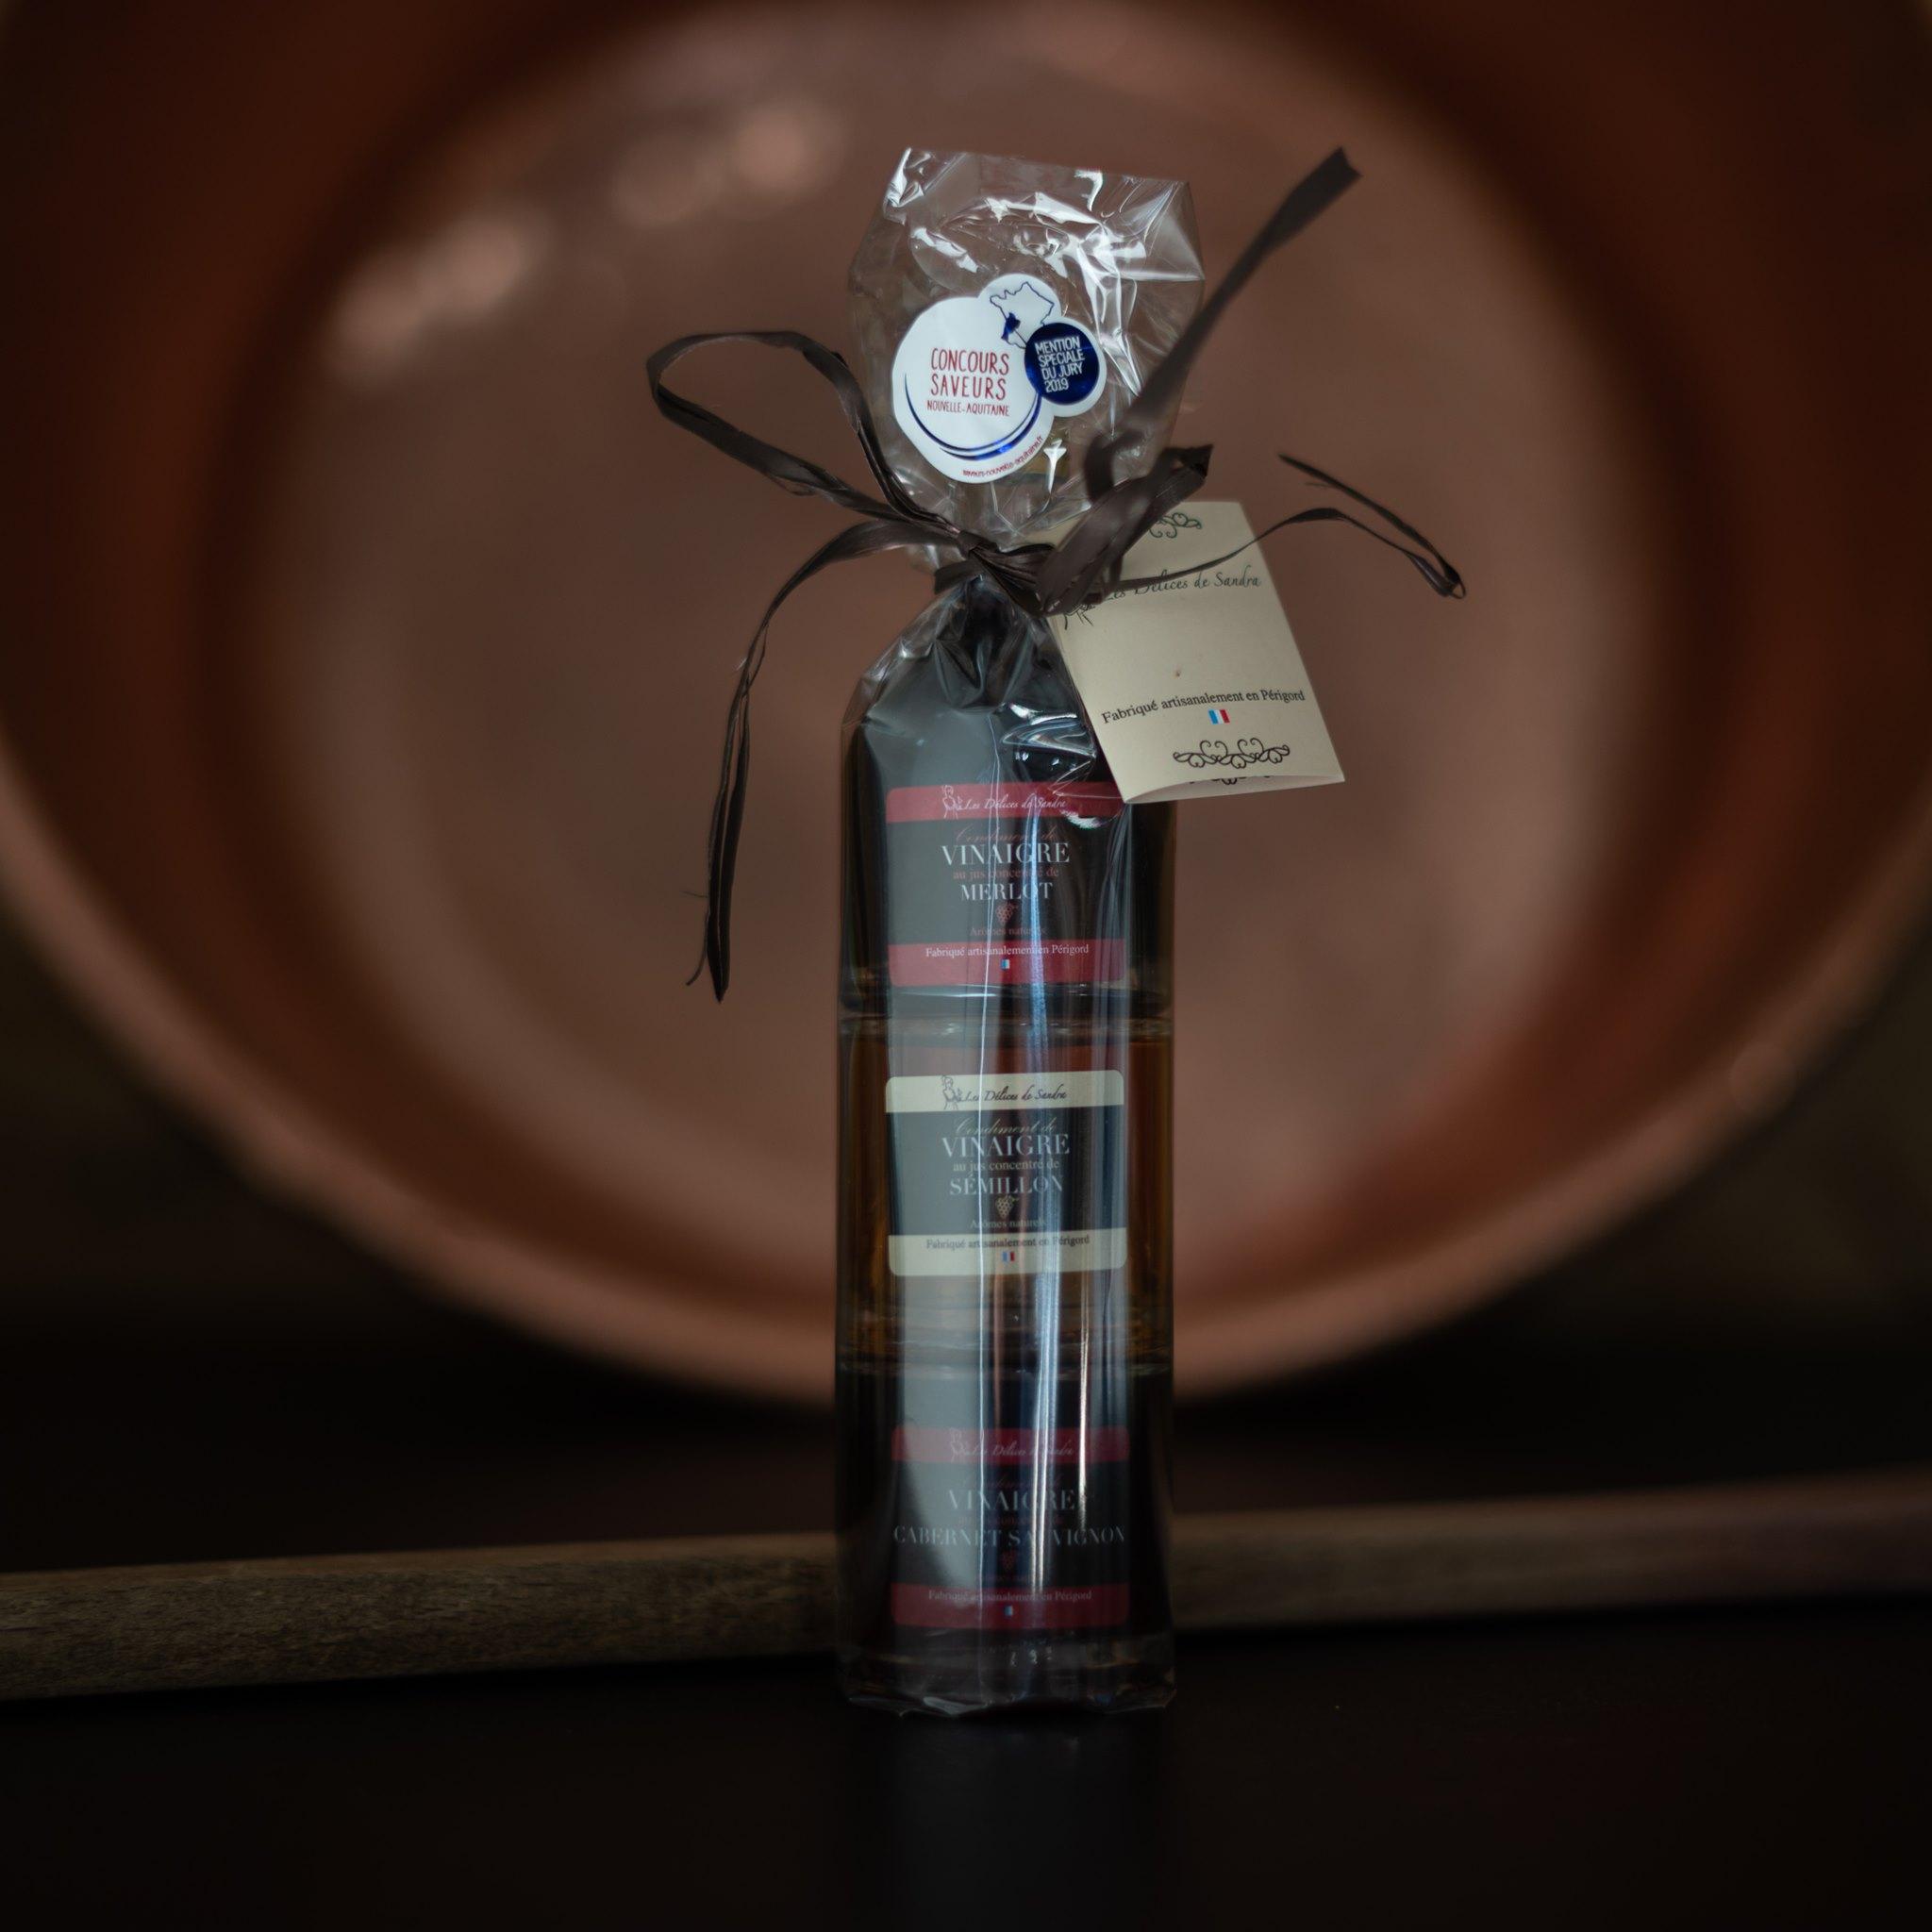 Création packaging vinaigres de vin Les Délices de Sandra - Adékoi communication Périgueux